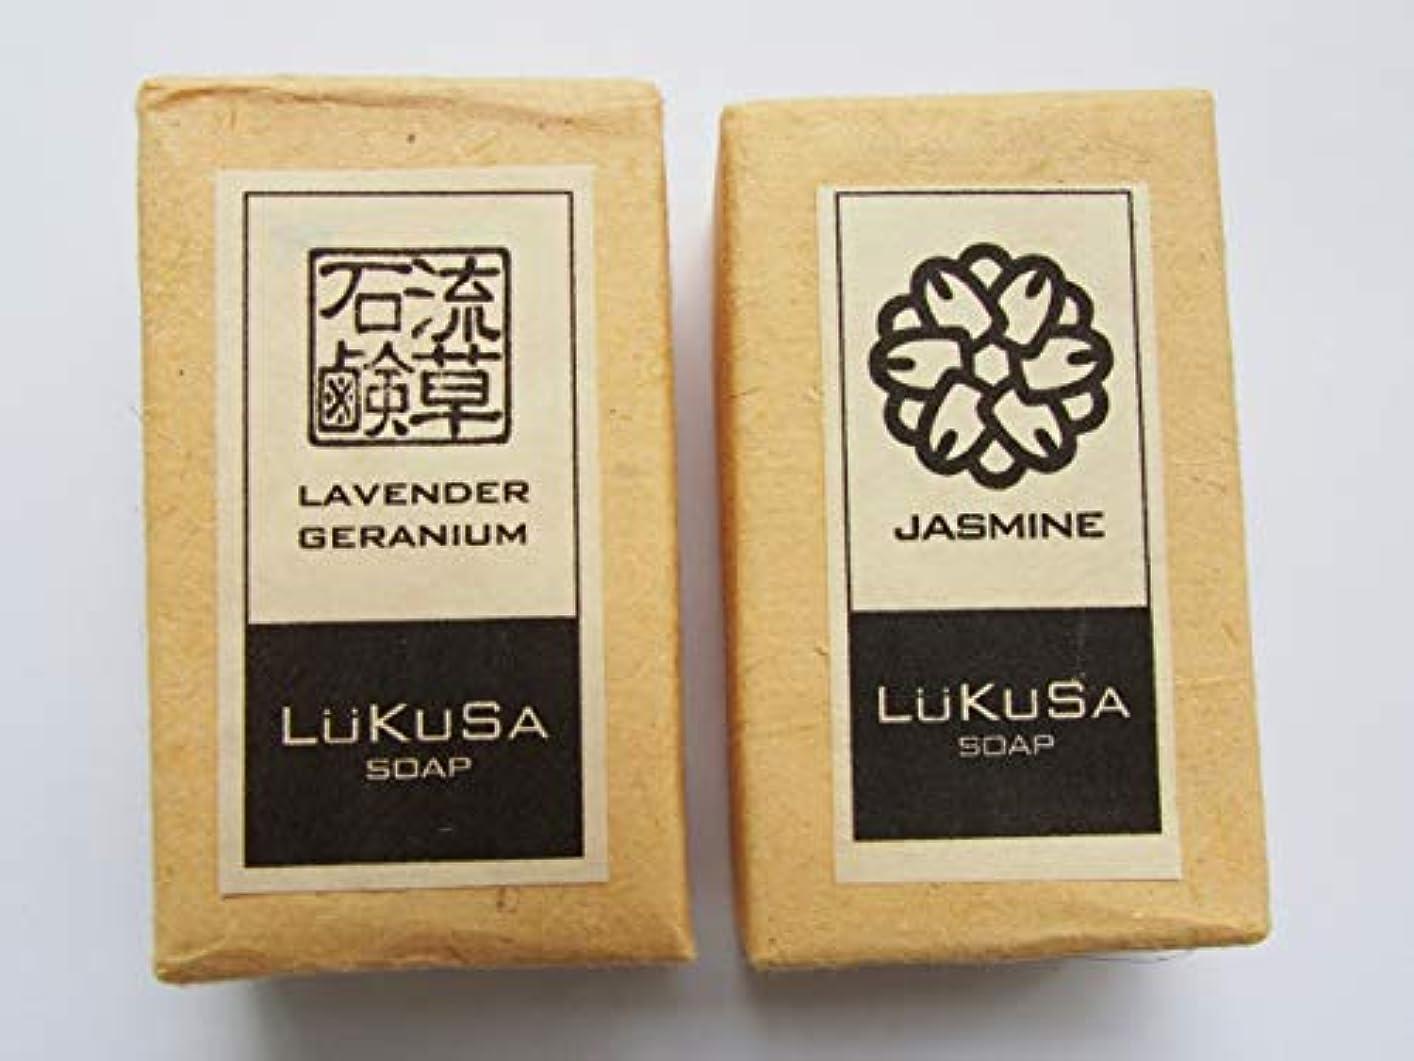 不良品未払いフルート【サマーセール】LUKUSAジャスミン石鹸 +ラベンダー石鹸セット